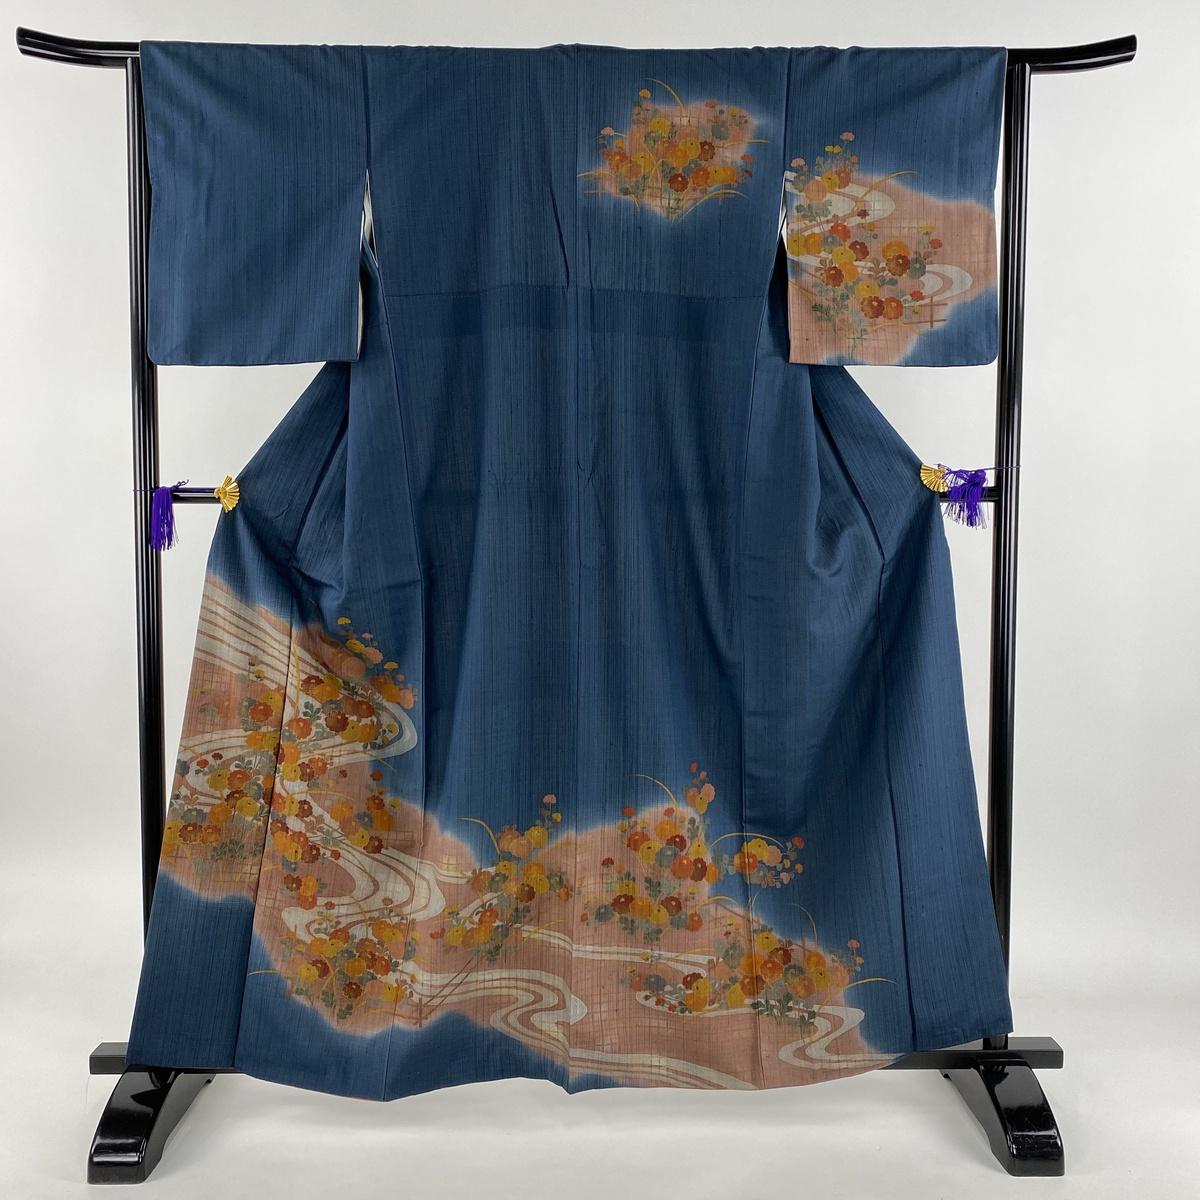 訪問着 秀品 紬地 流水 菊 ぼかし 藍色 袷 身丈161.5cm 裄丈64cm M 正絹 【中古】